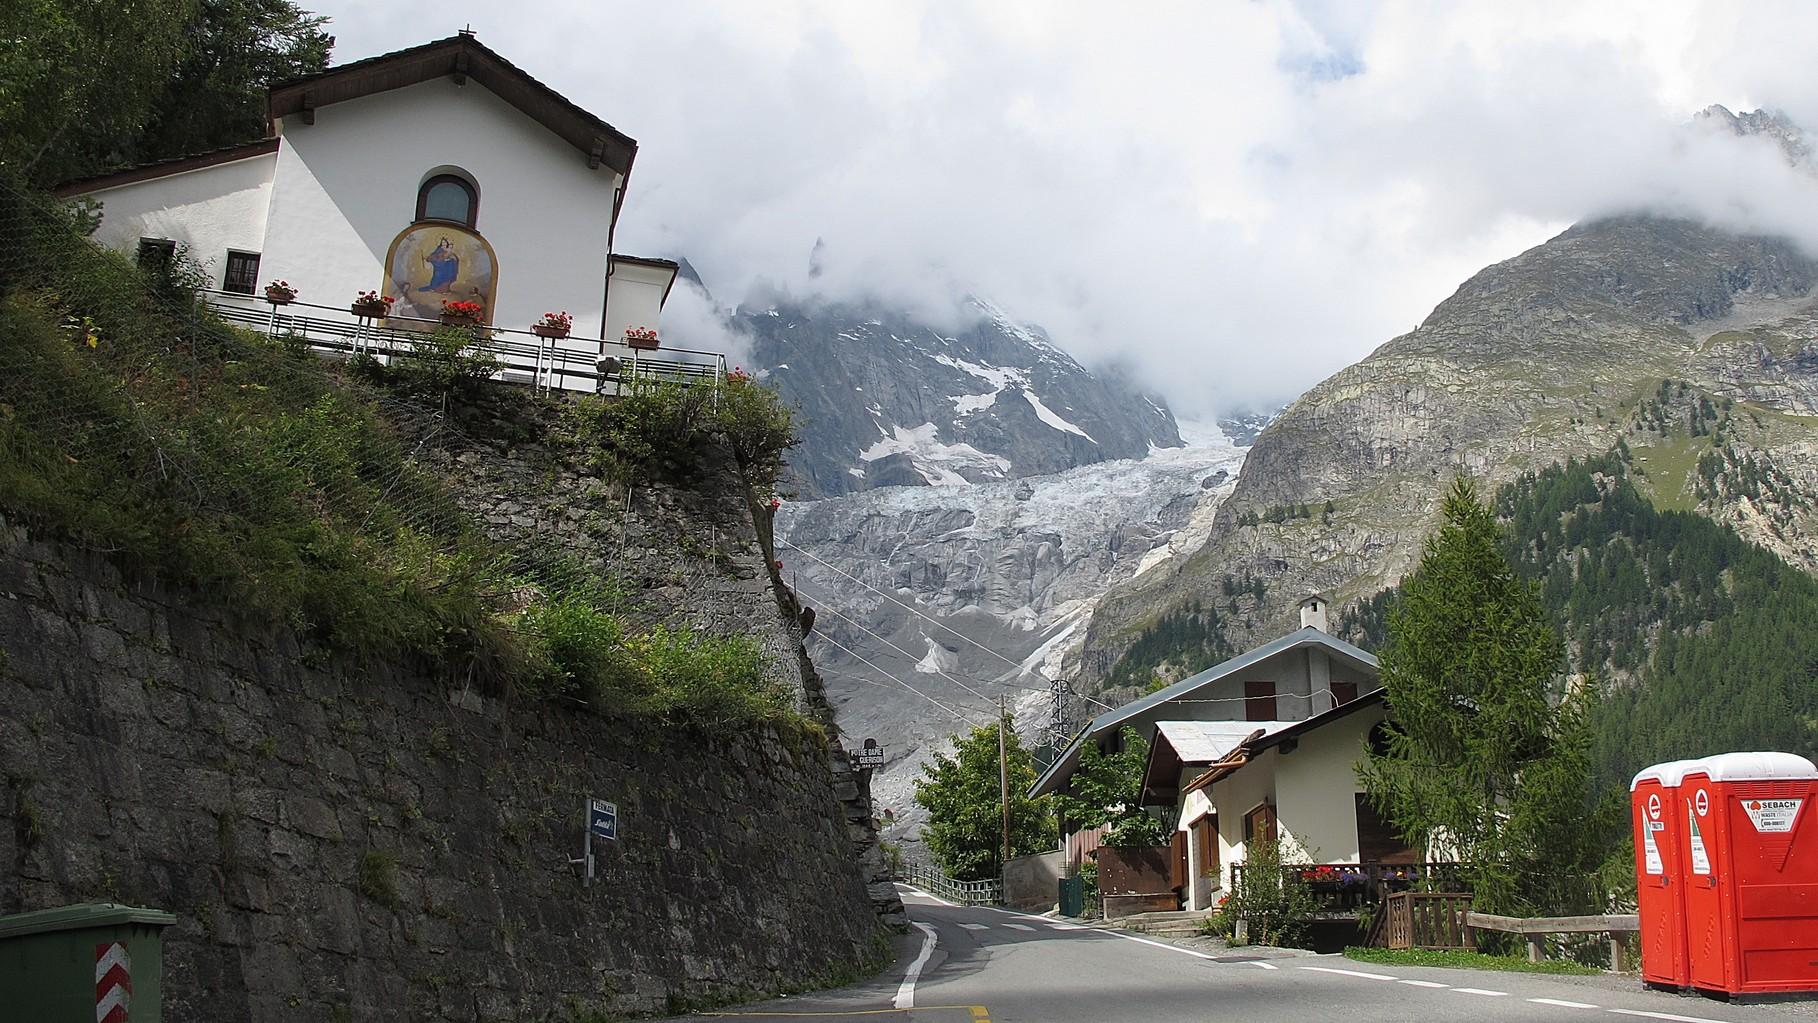 Visaille - bis hier kam einmal der Gletscher